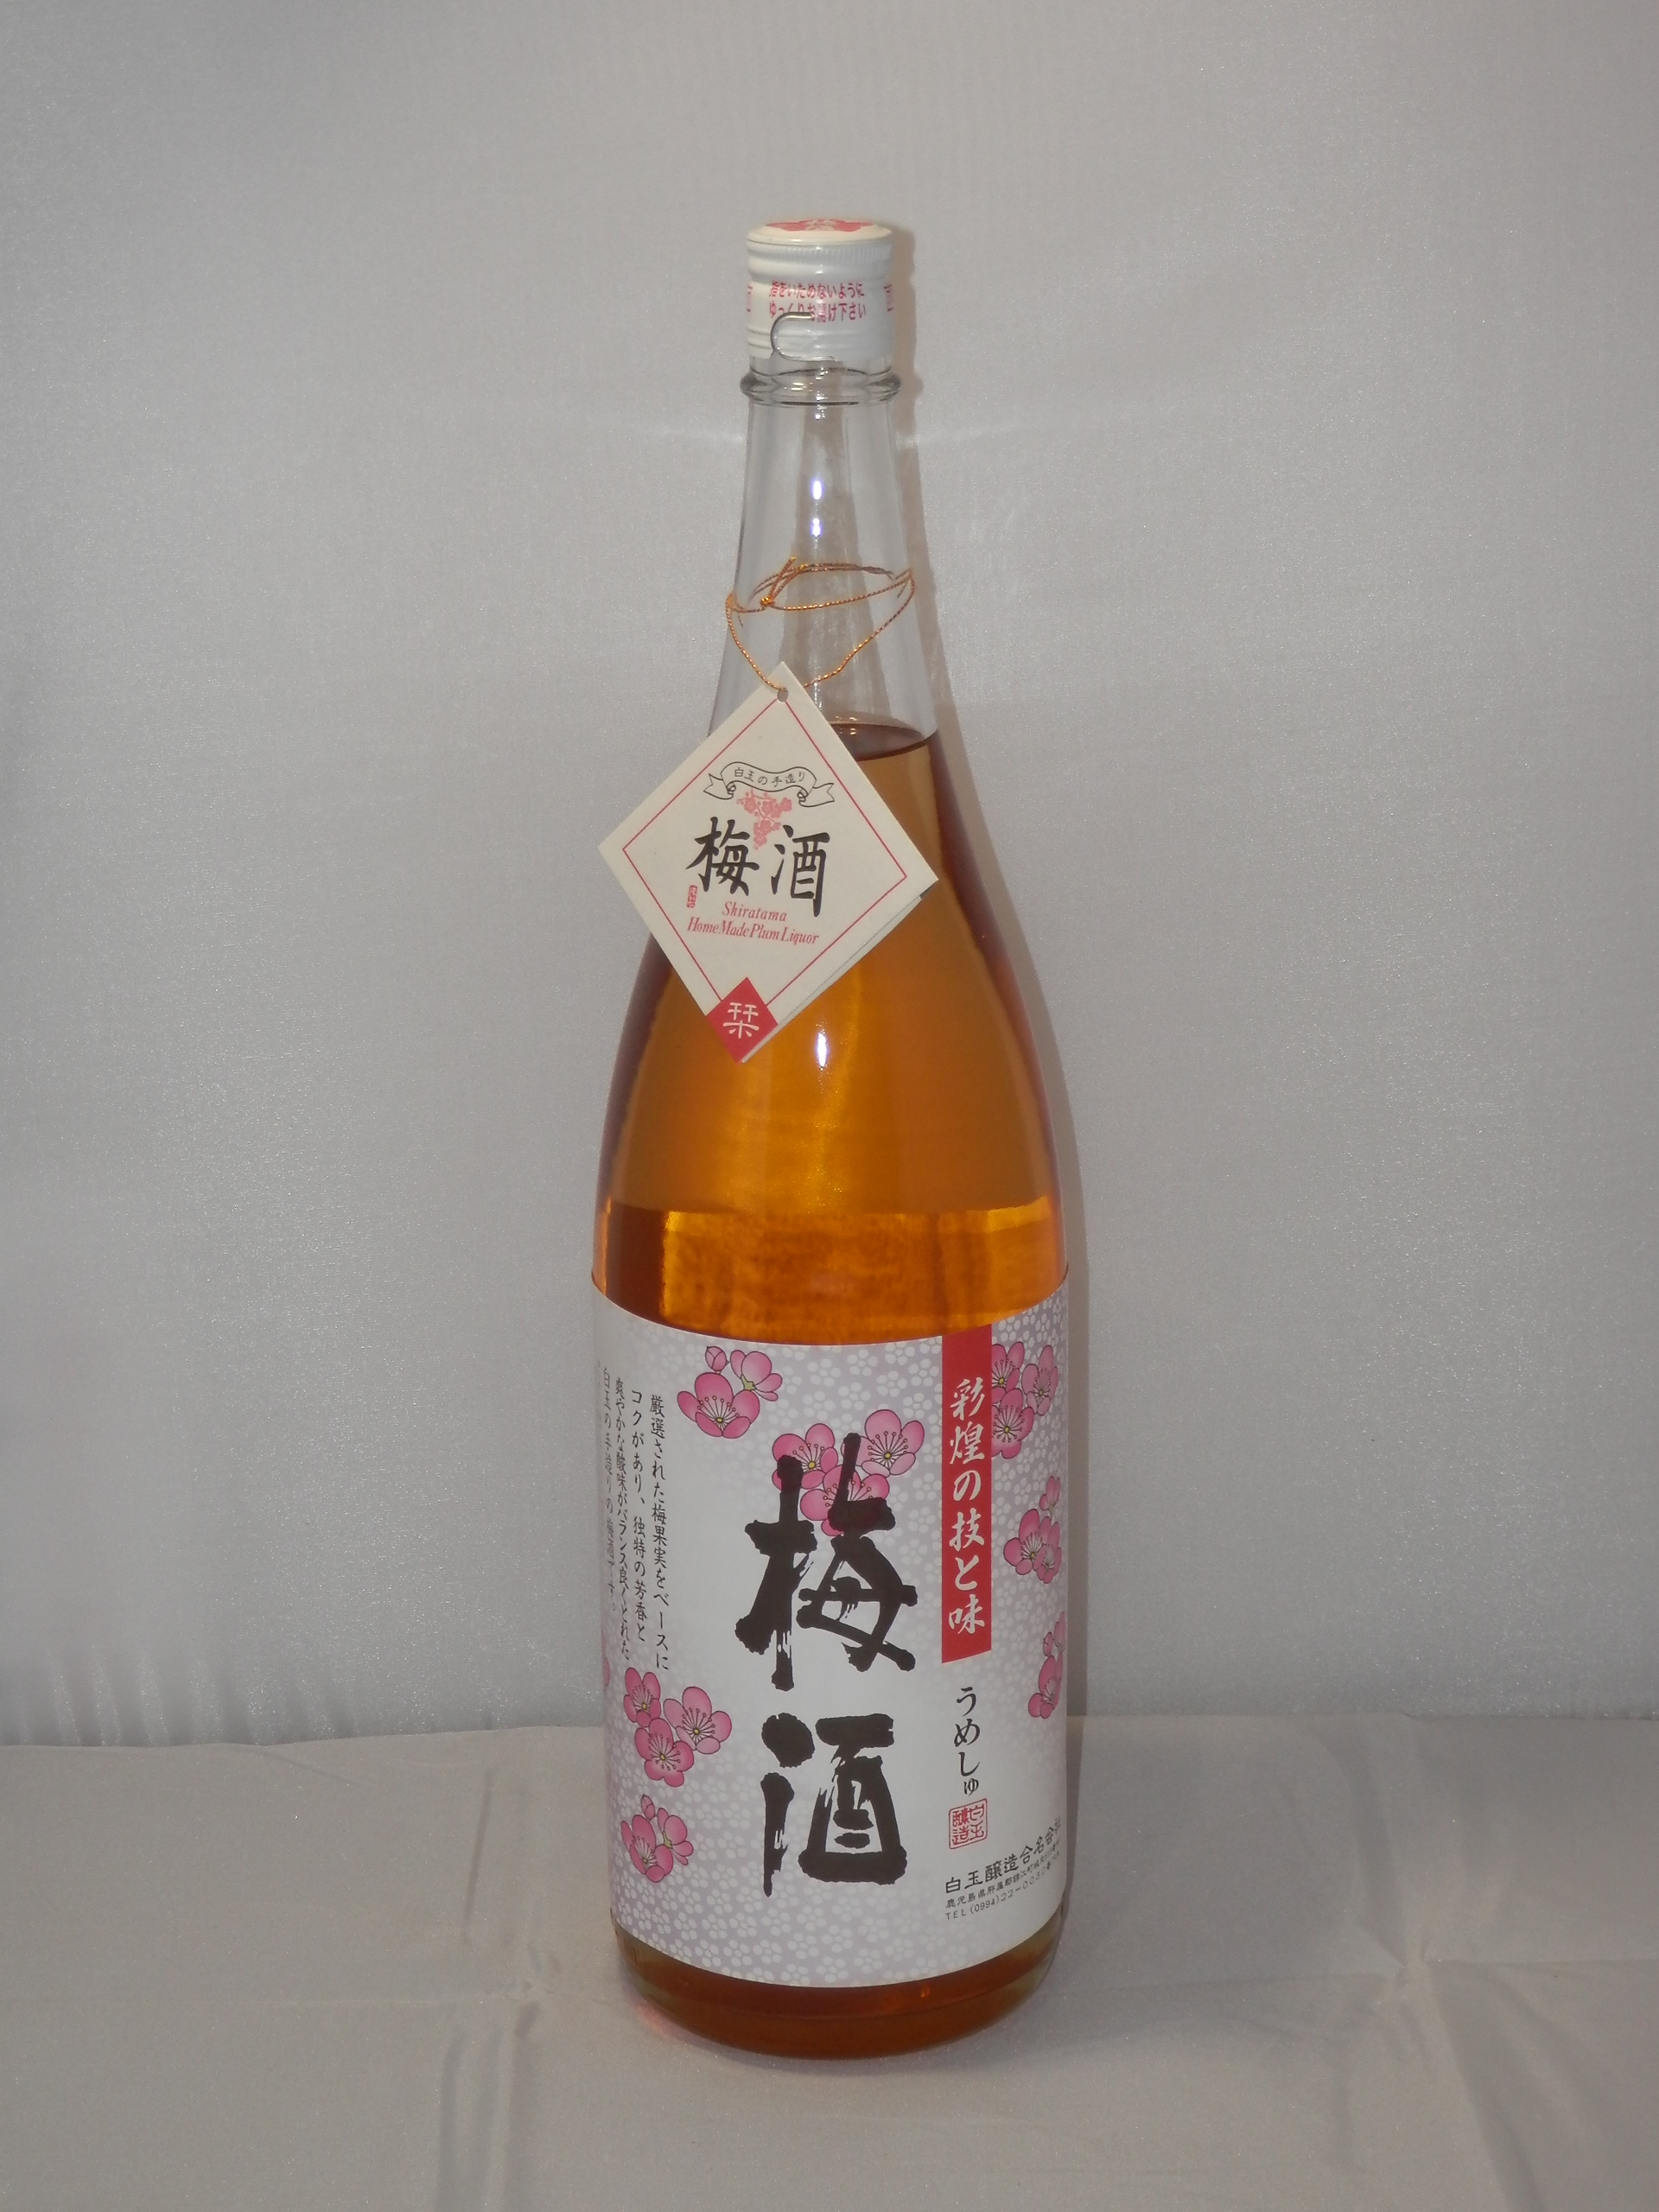 1047 【白玉醸造】彩煌の梅酒(さつまの梅酒) 1800ml 単品